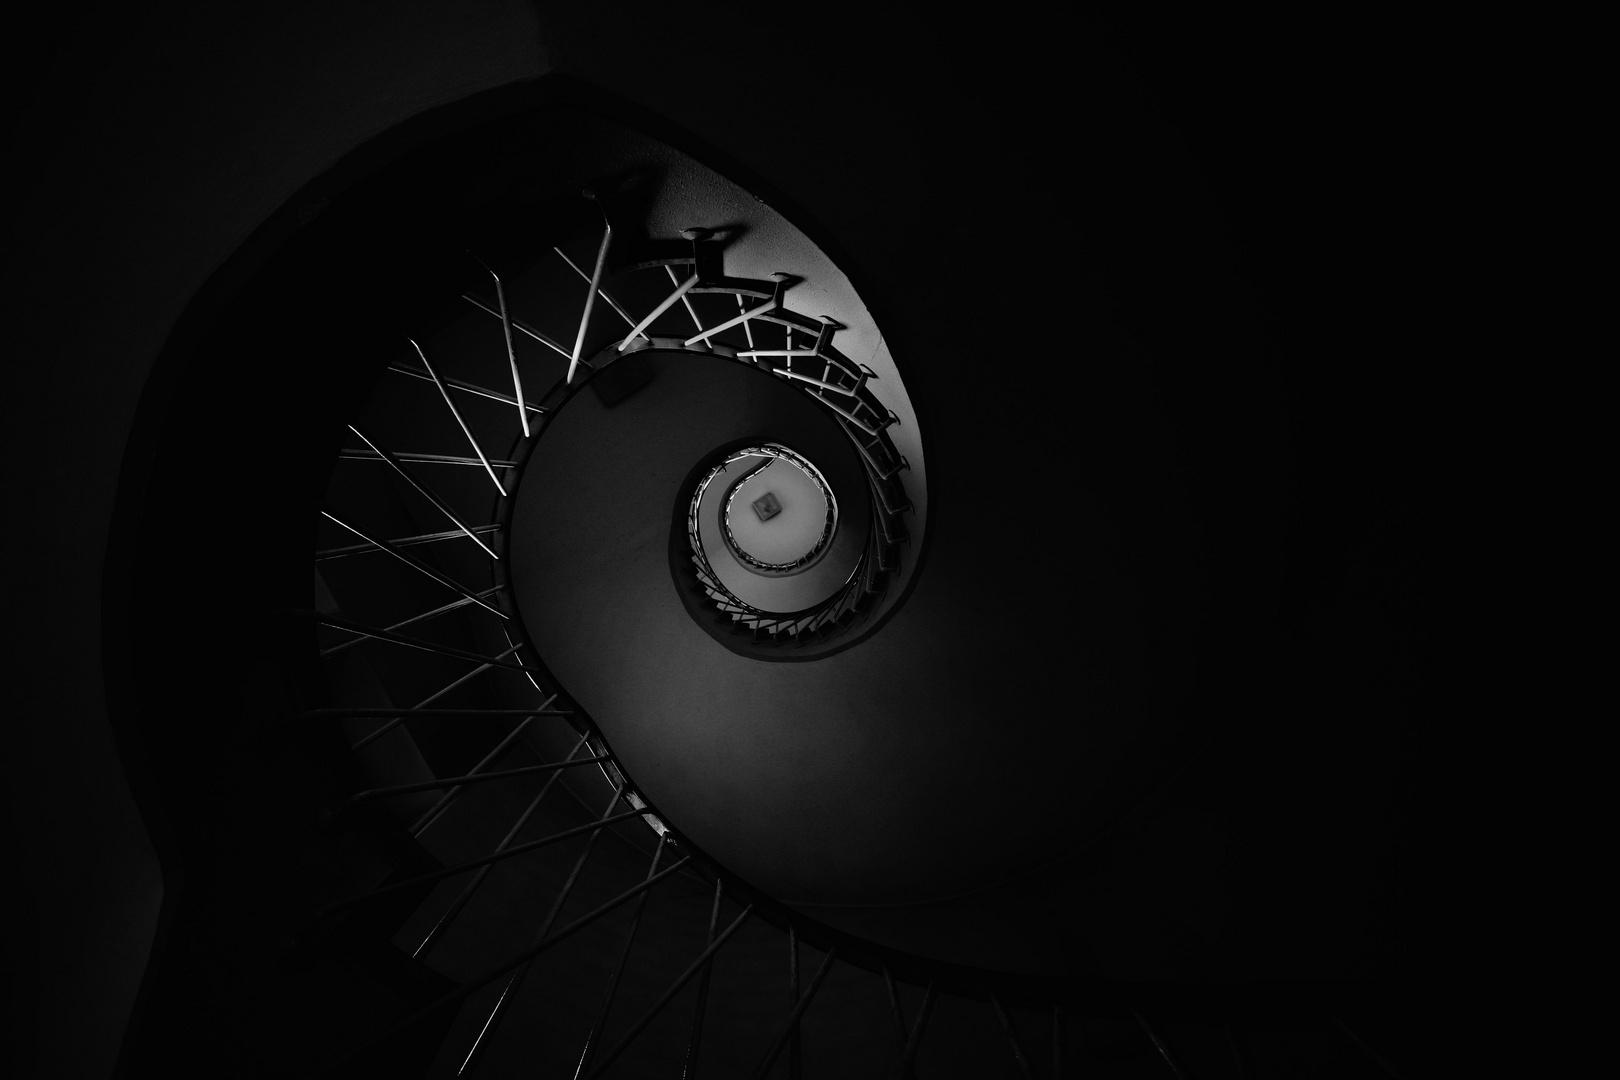 Nachtschnecke